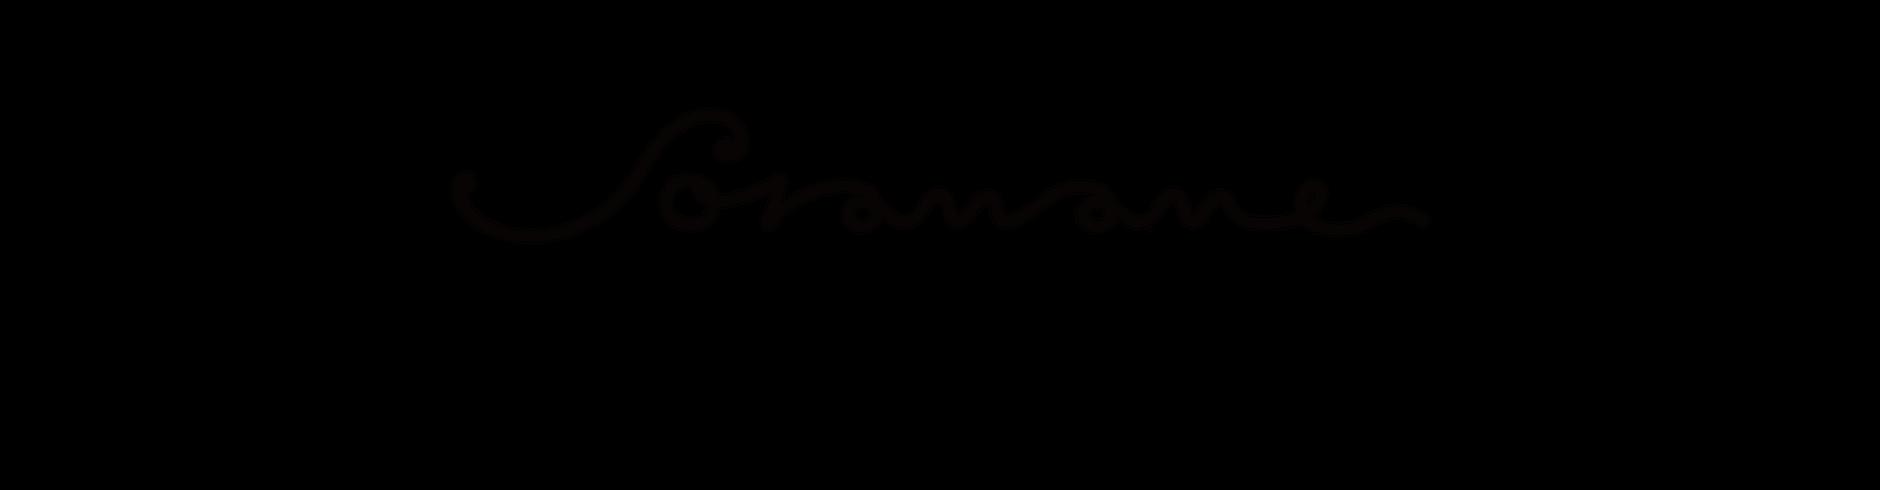 soramame | ウェブショップ | 青ぶどうバター